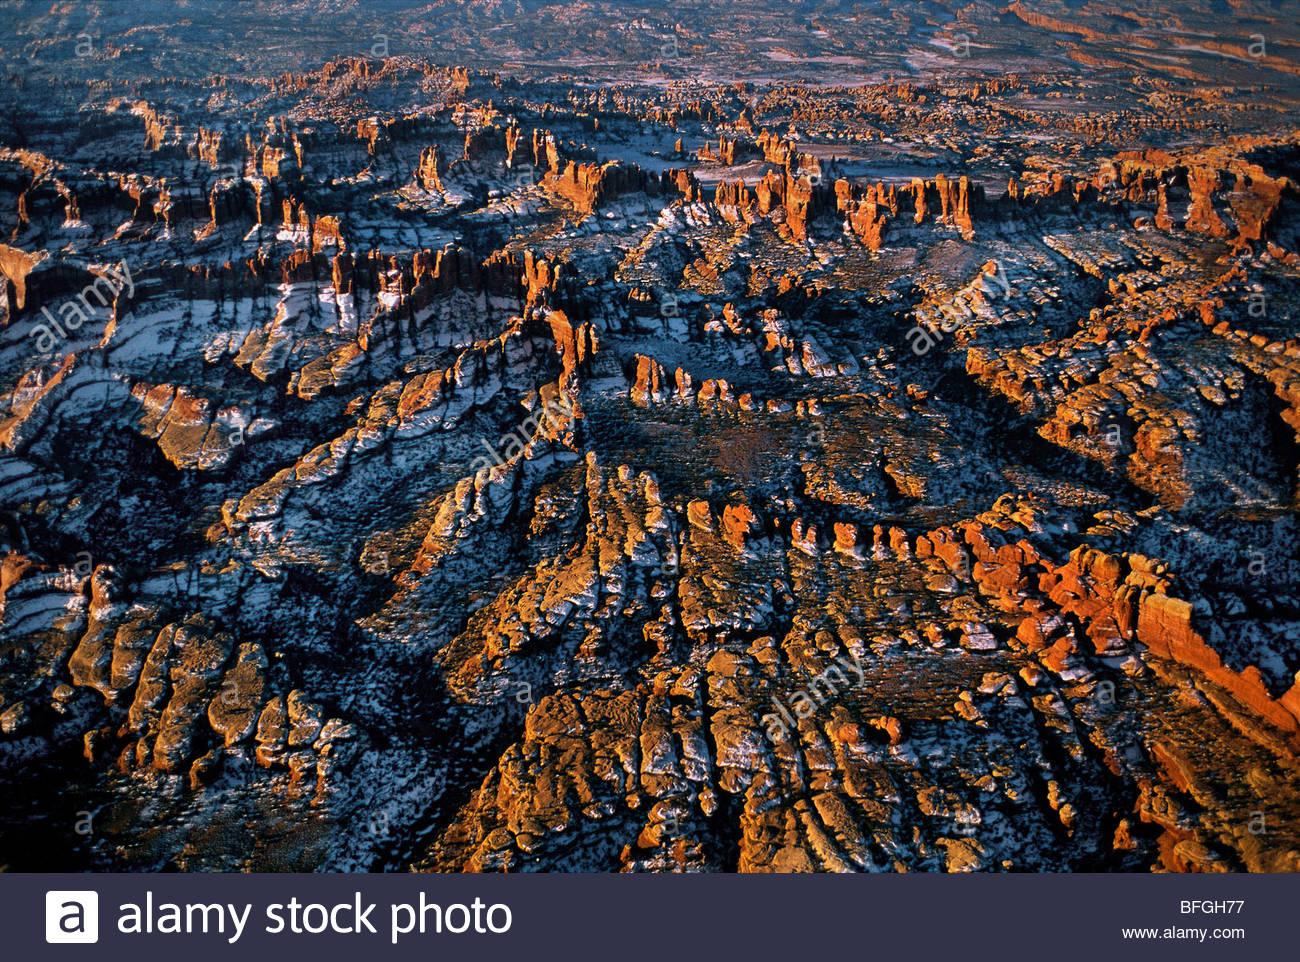 Canyonlands National Park (aerial), Utah - Stock Image